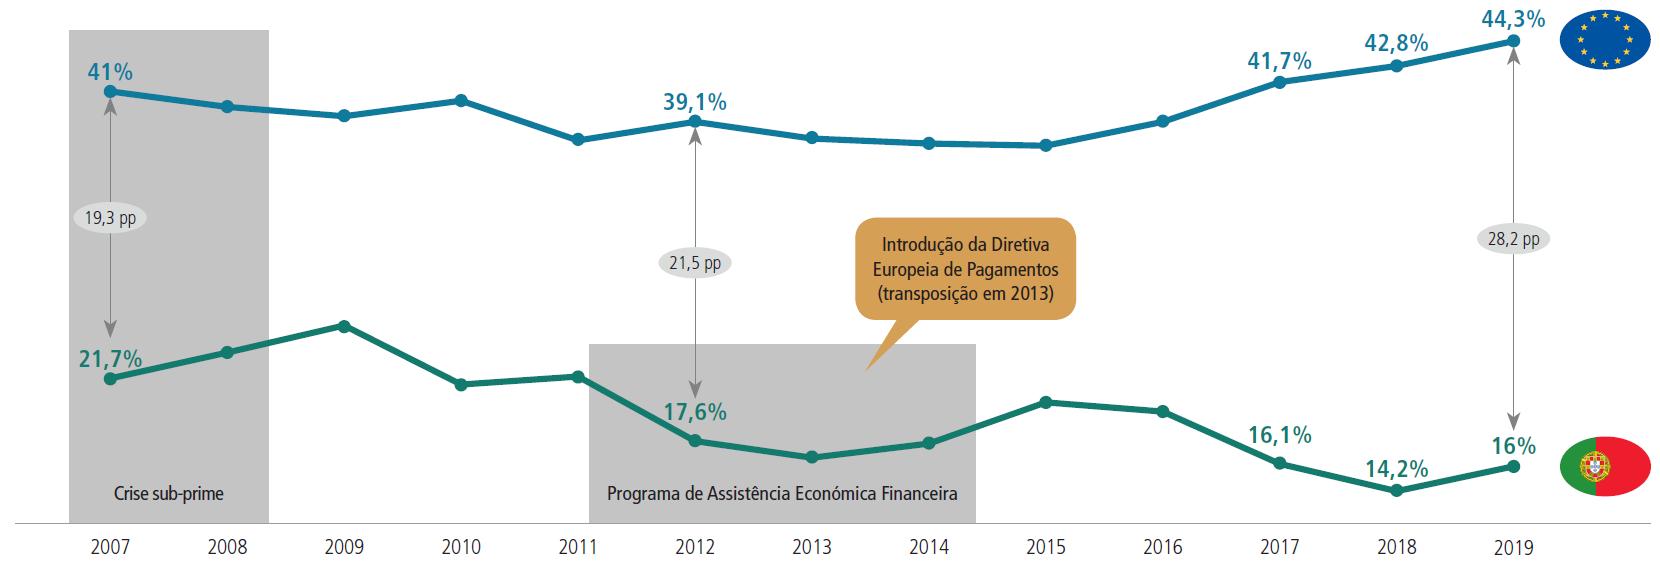 Cumprimentos e Risco de Pagamento das Empresas – Informa D&B, setembro 2020